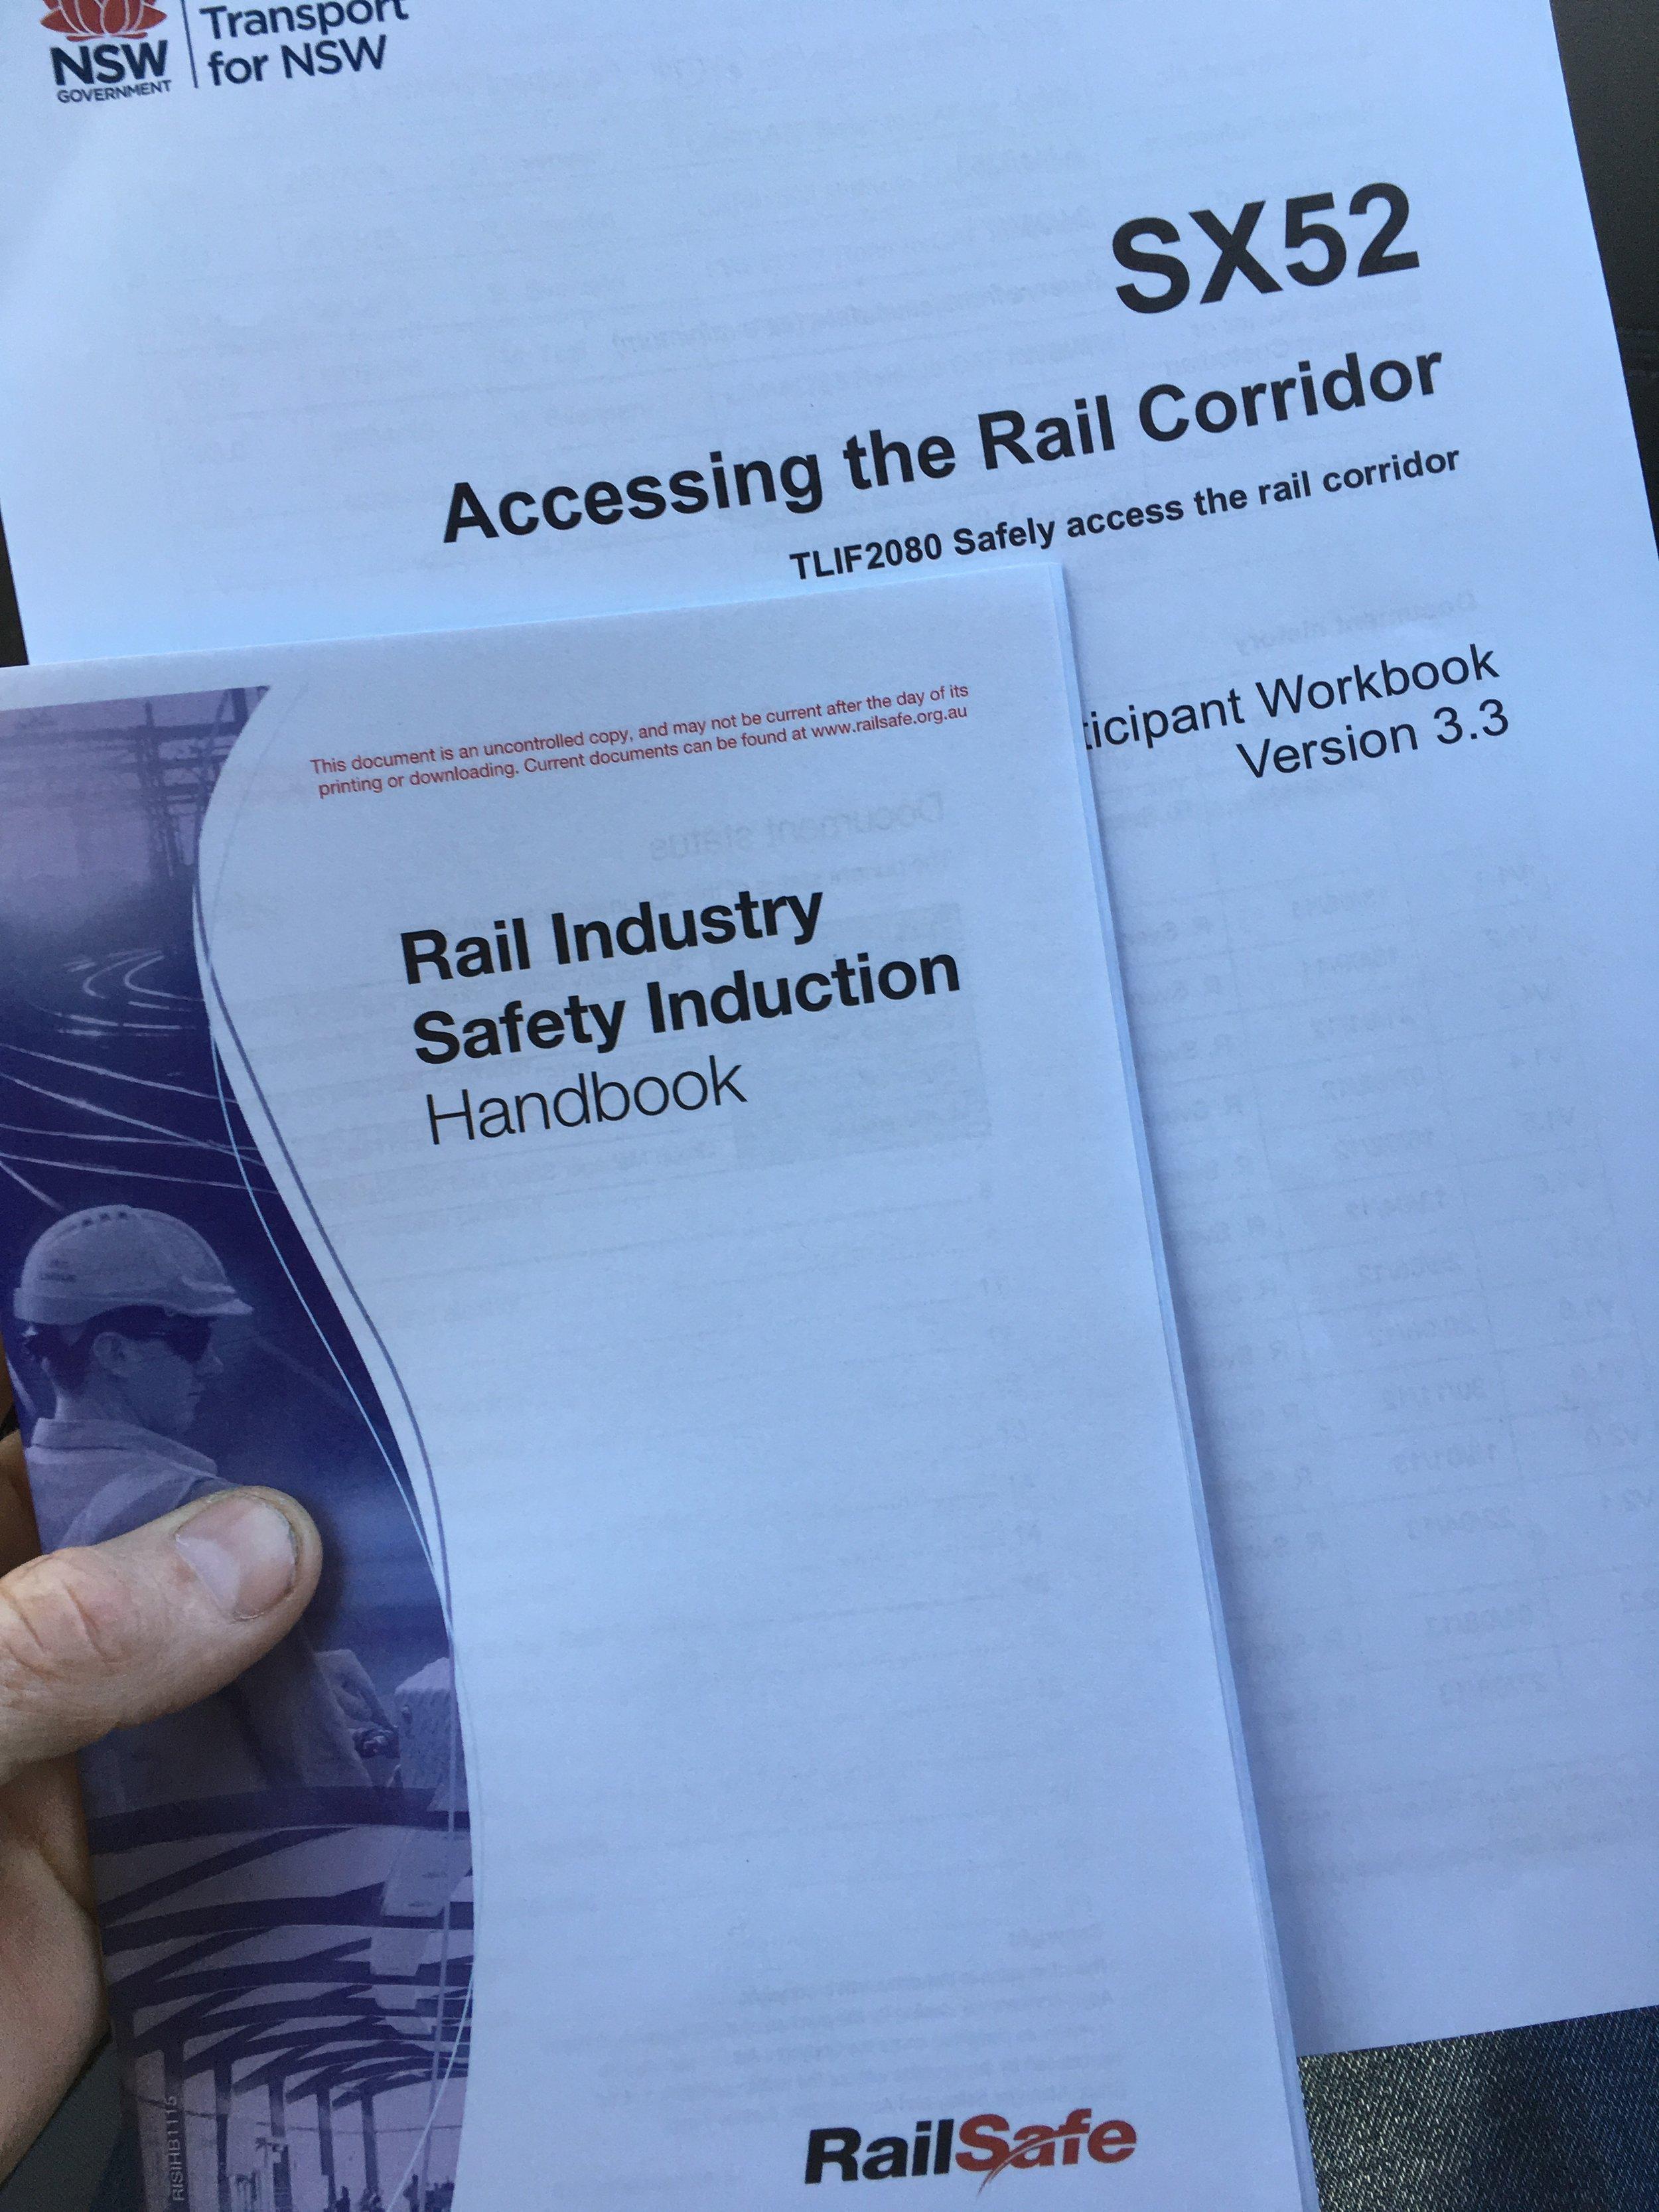 #RailSafe